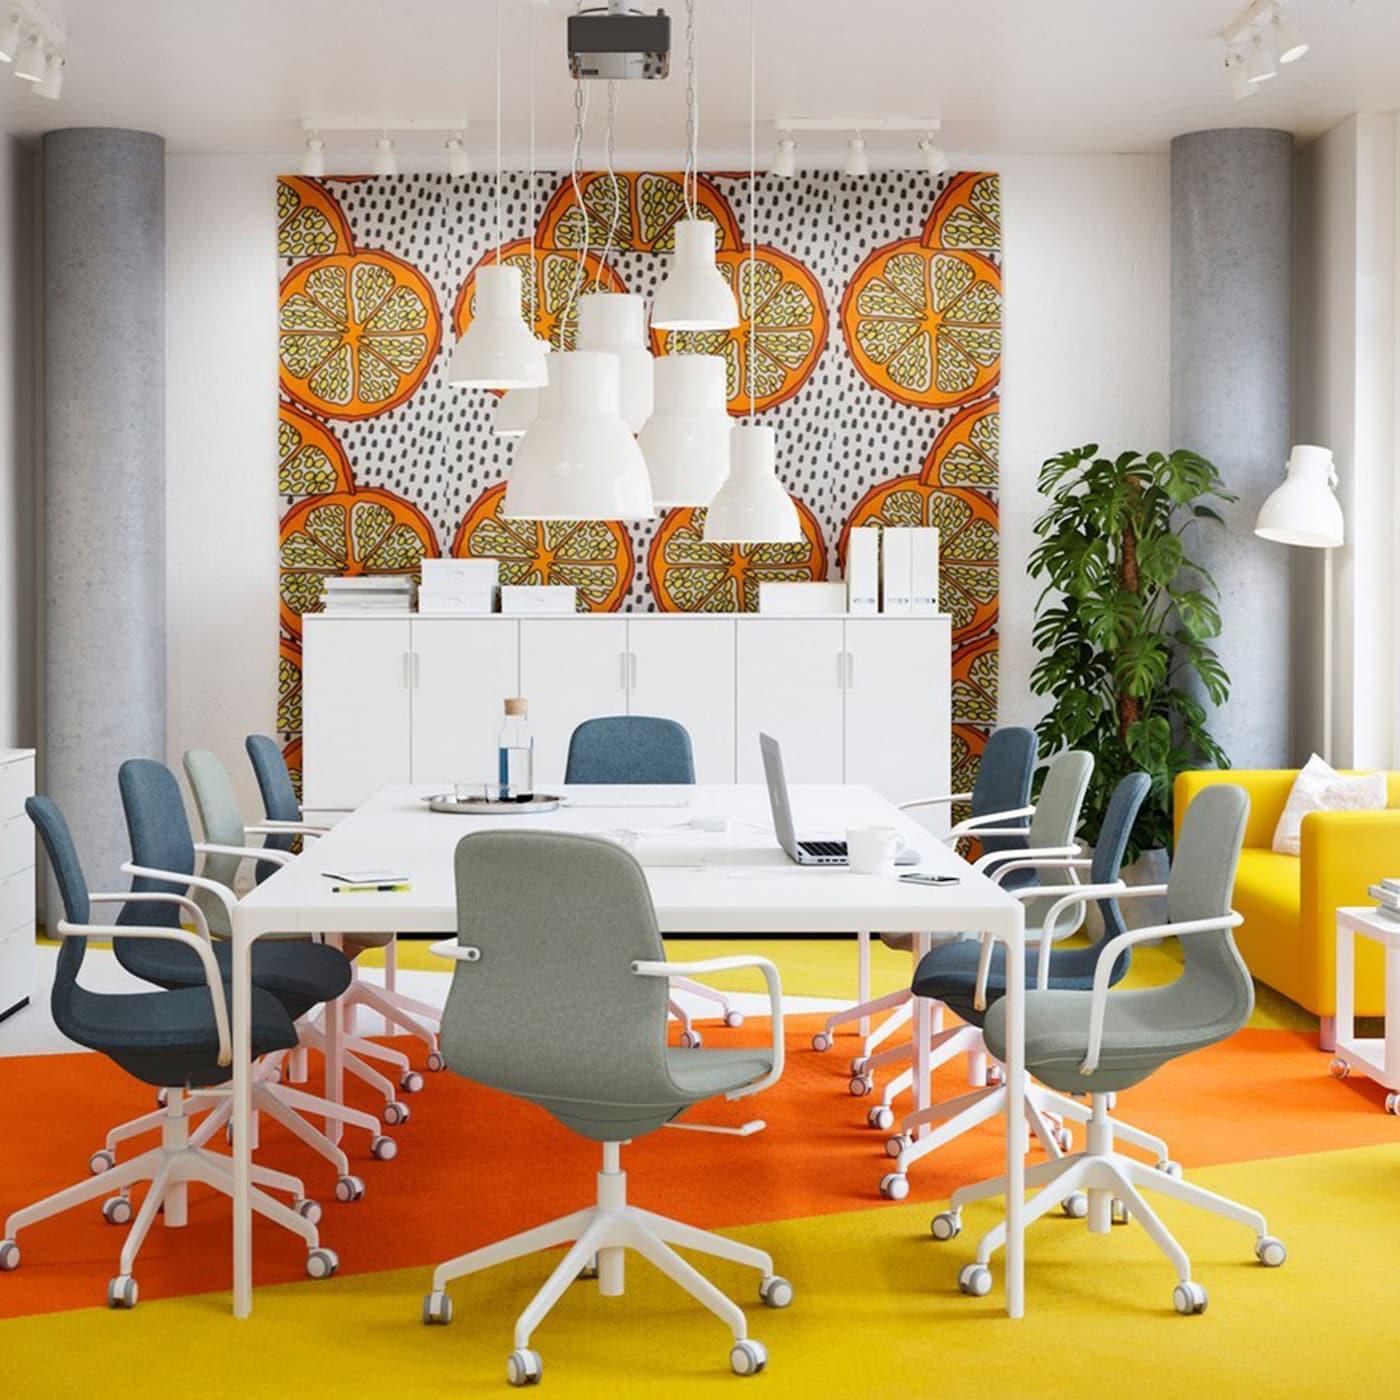 """Ein Konferenzzimmer in Gelb und Orange mit weißen Tischen und Drehstühlen, LÅNGFJÄLL Drehstühlen mit Bezug """"Gunnared"""" in hellgrün/weiß."""